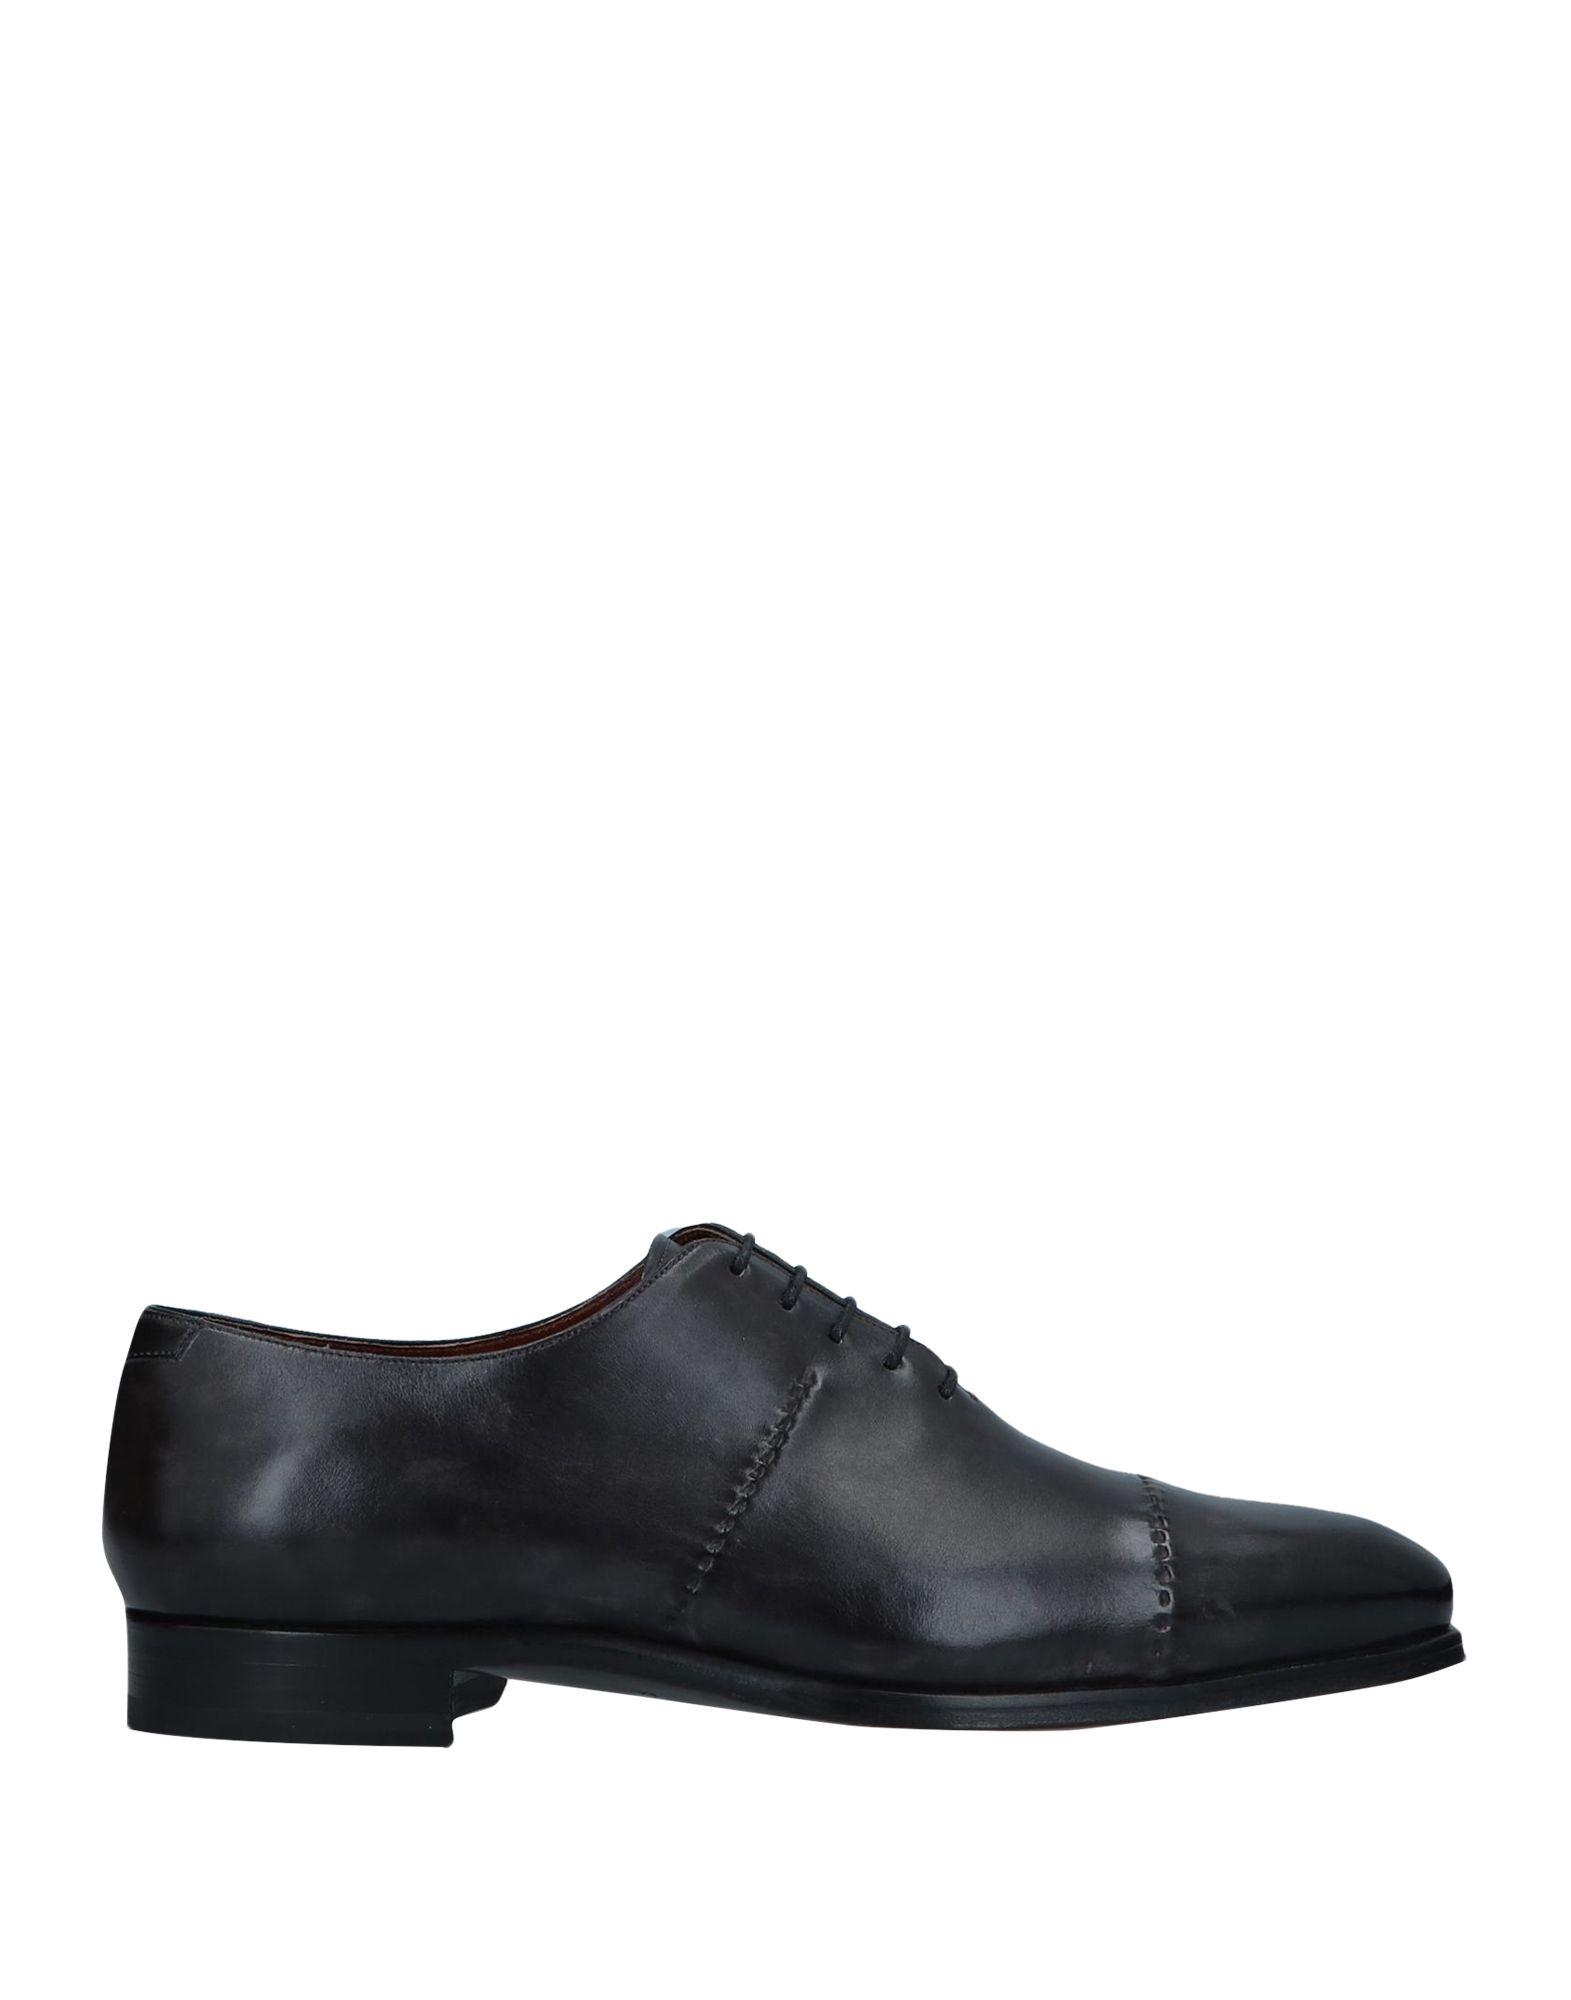 Magnanni Shoes LACE-UP SHOES